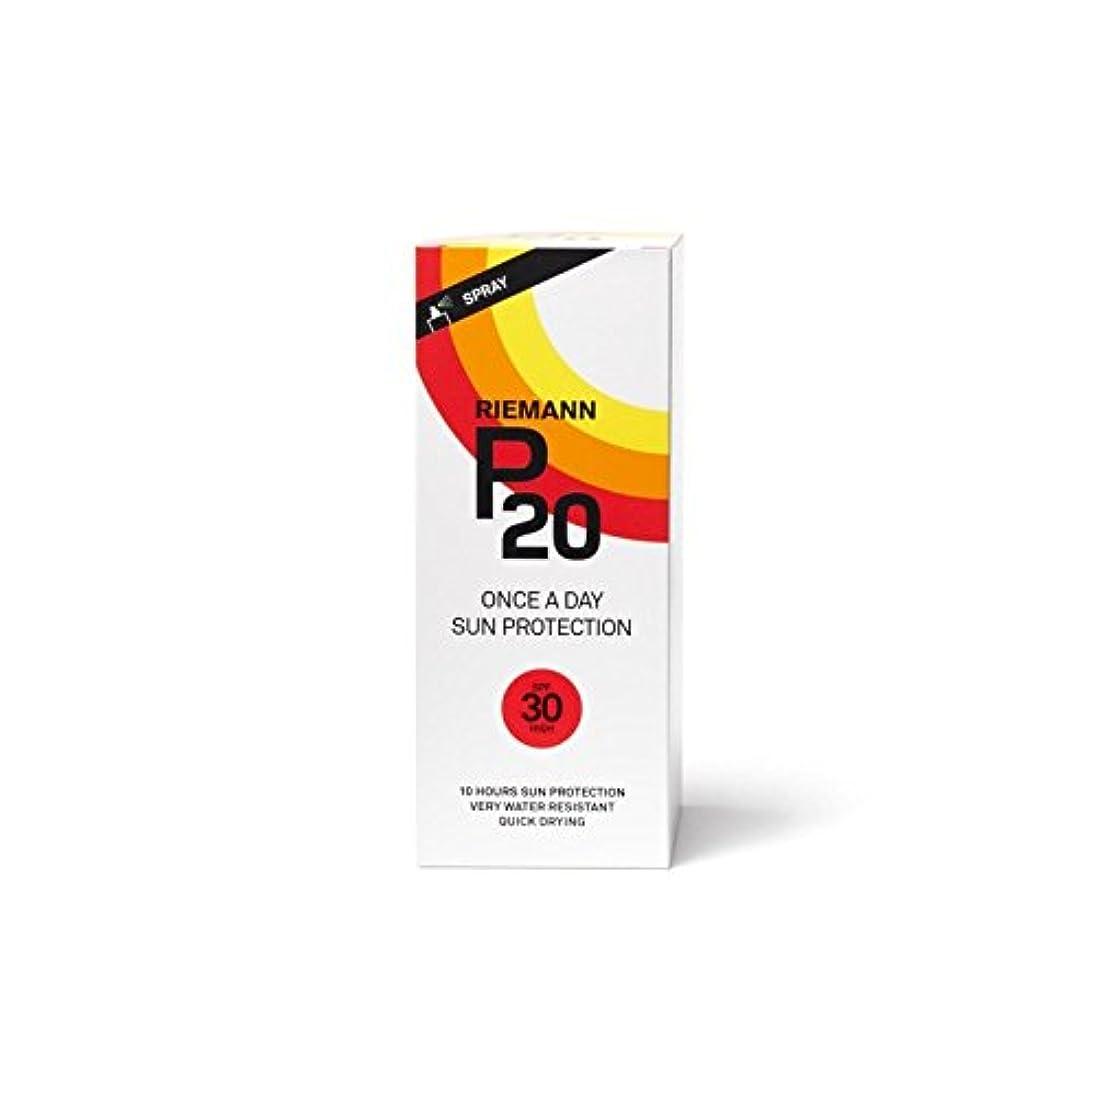 倍増地雷原米ドルRiemann P20 Sun Filter 200ml SPF30 (Pack of 6) - リーマン20のサンフィルター200ミリリットル30 x6 [並行輸入品]